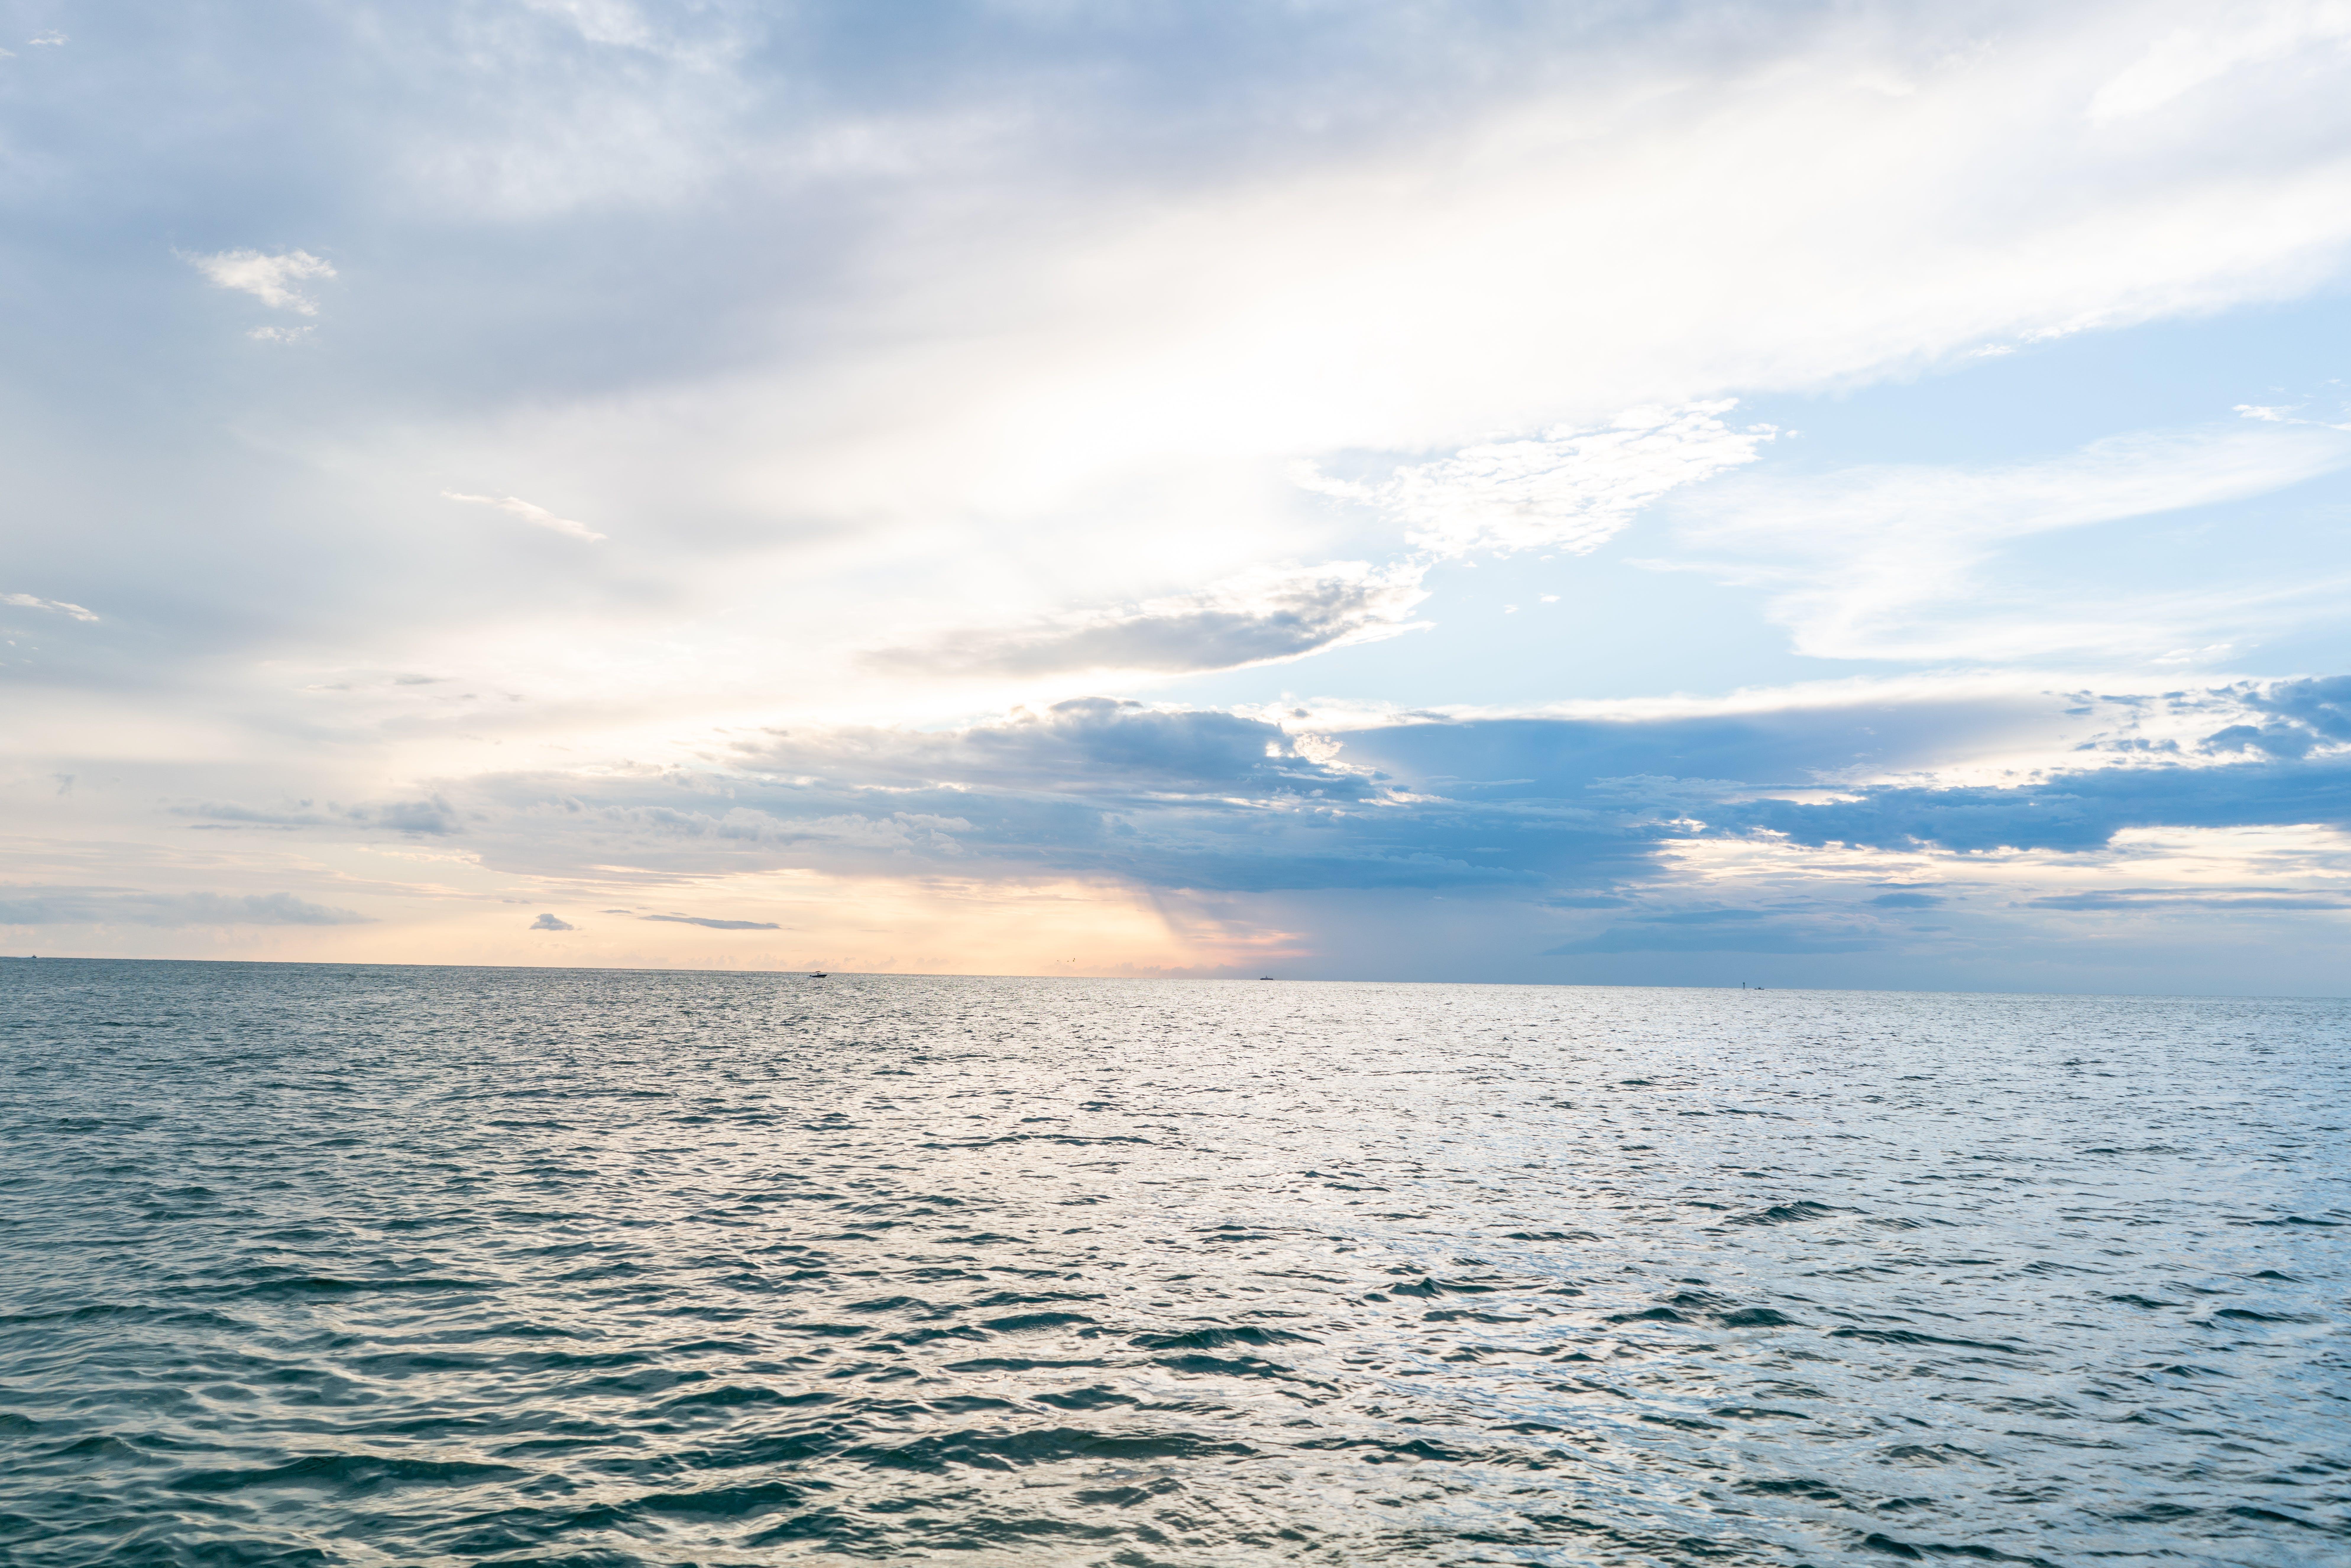 Kostenloses Stock Foto zu sonnenuntergang, wolken, ozean, blaues wasser